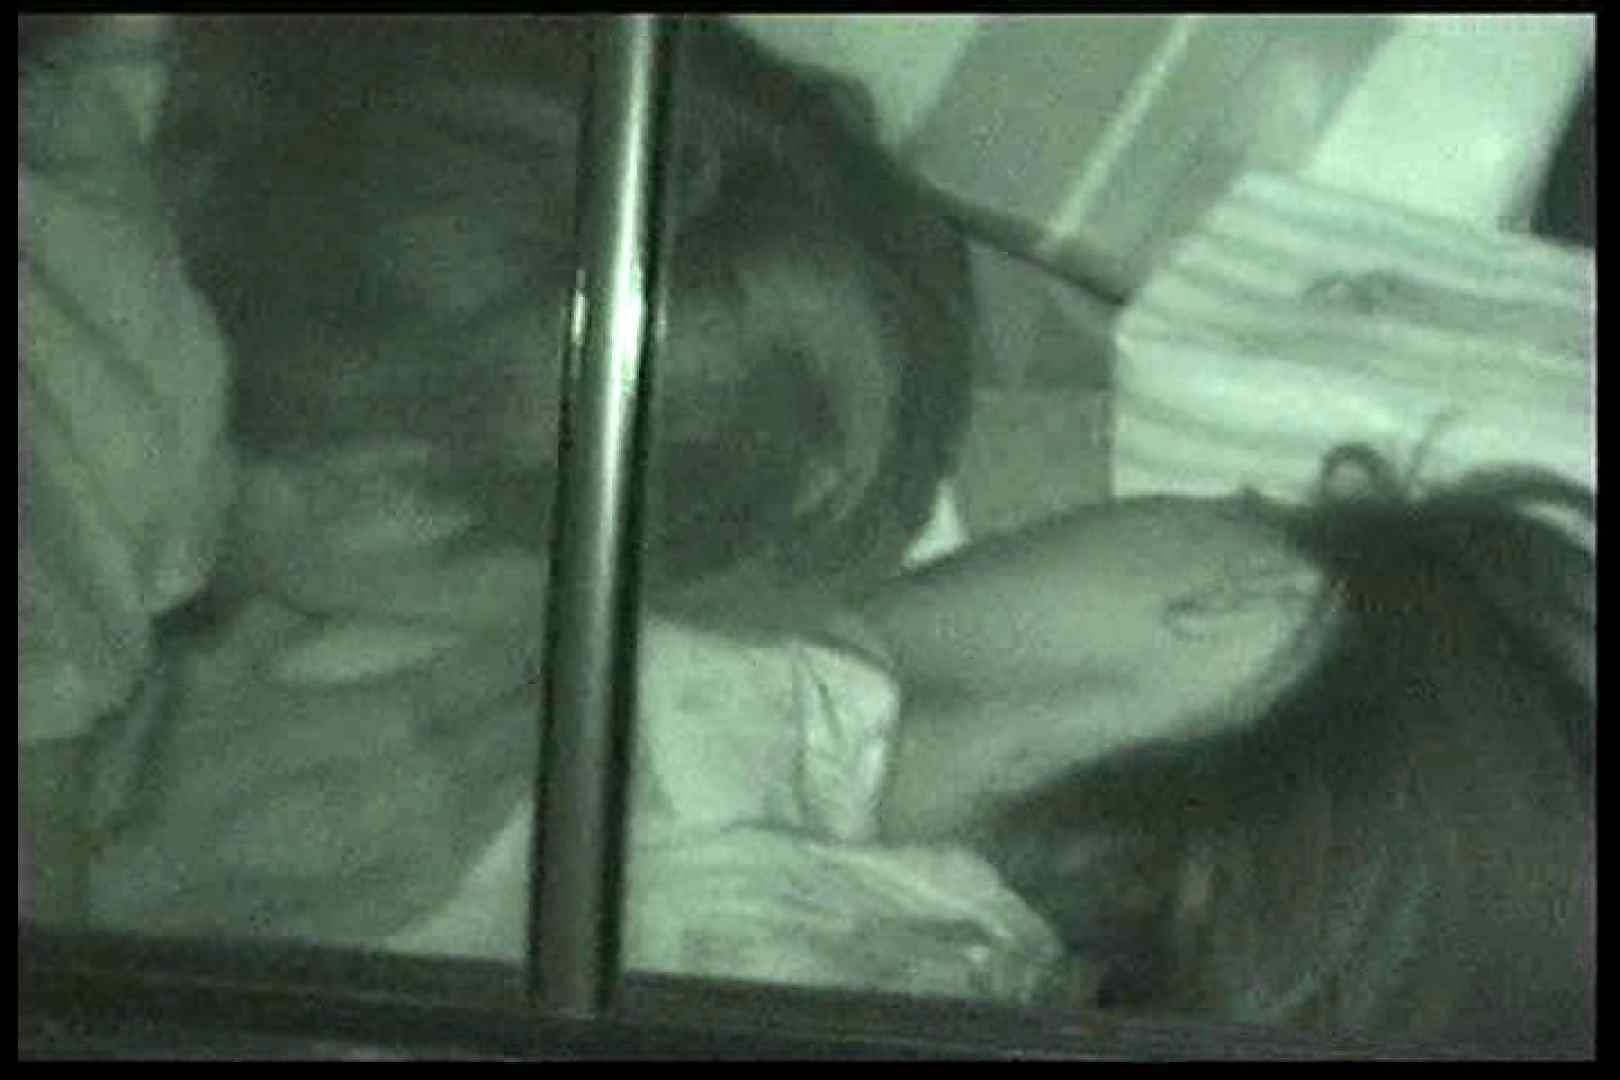 車の中はラブホテル 無修正版  Vol.13 マンコ映像 のぞき動画画像 80連発 15